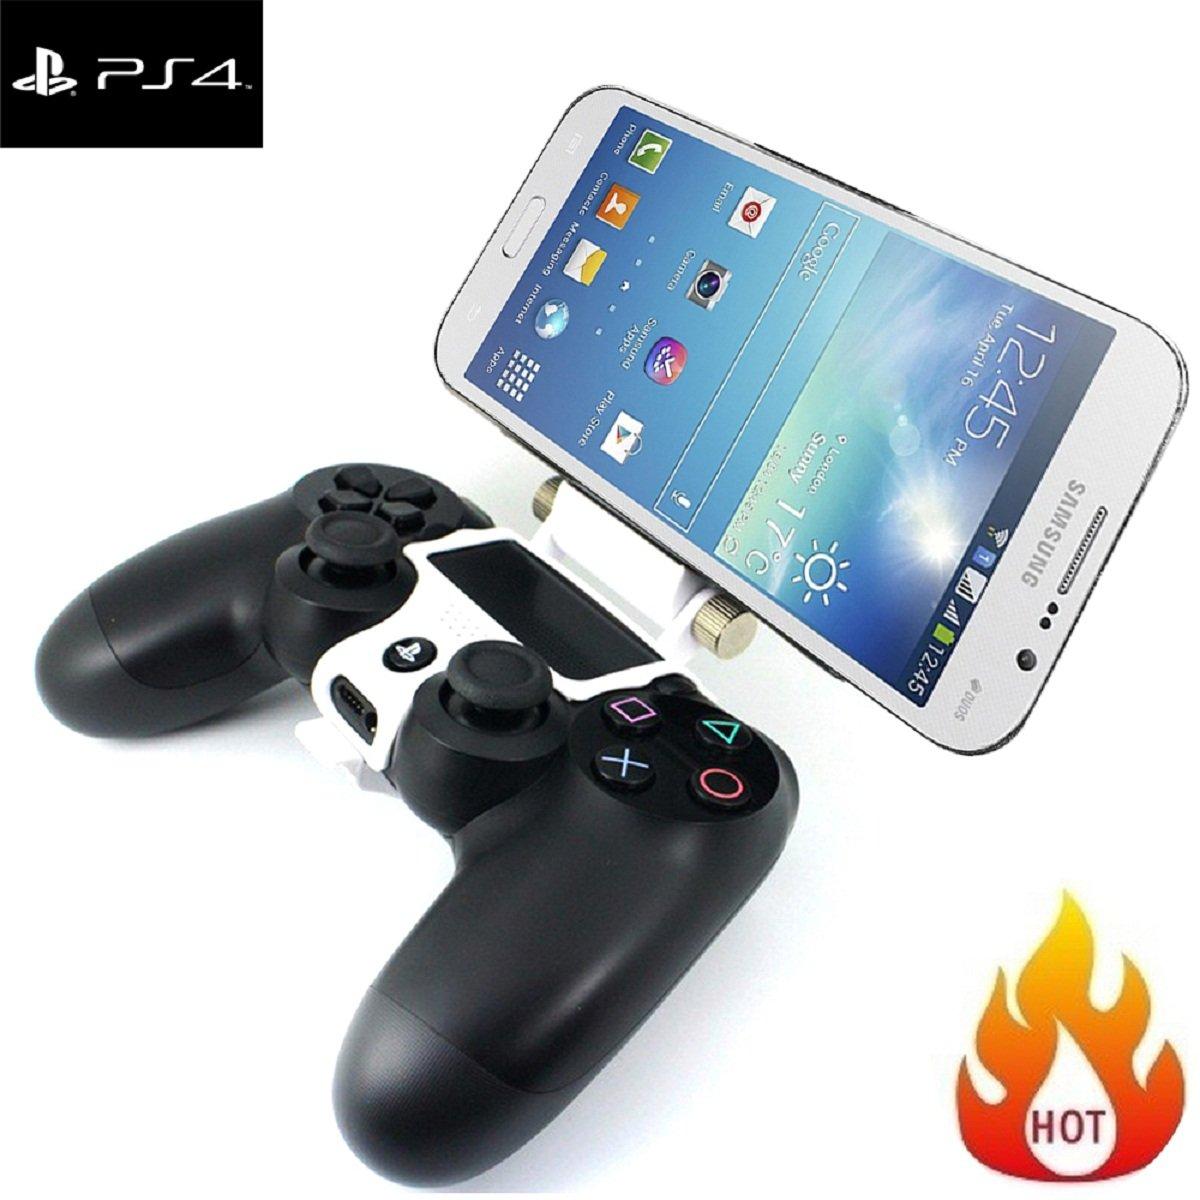 180 Grado teléfono celular juegos Clip, Megadream Playstation PS4 controlador juego soporte de teléfono inteligente de almacenamiento soporte de tablet ...